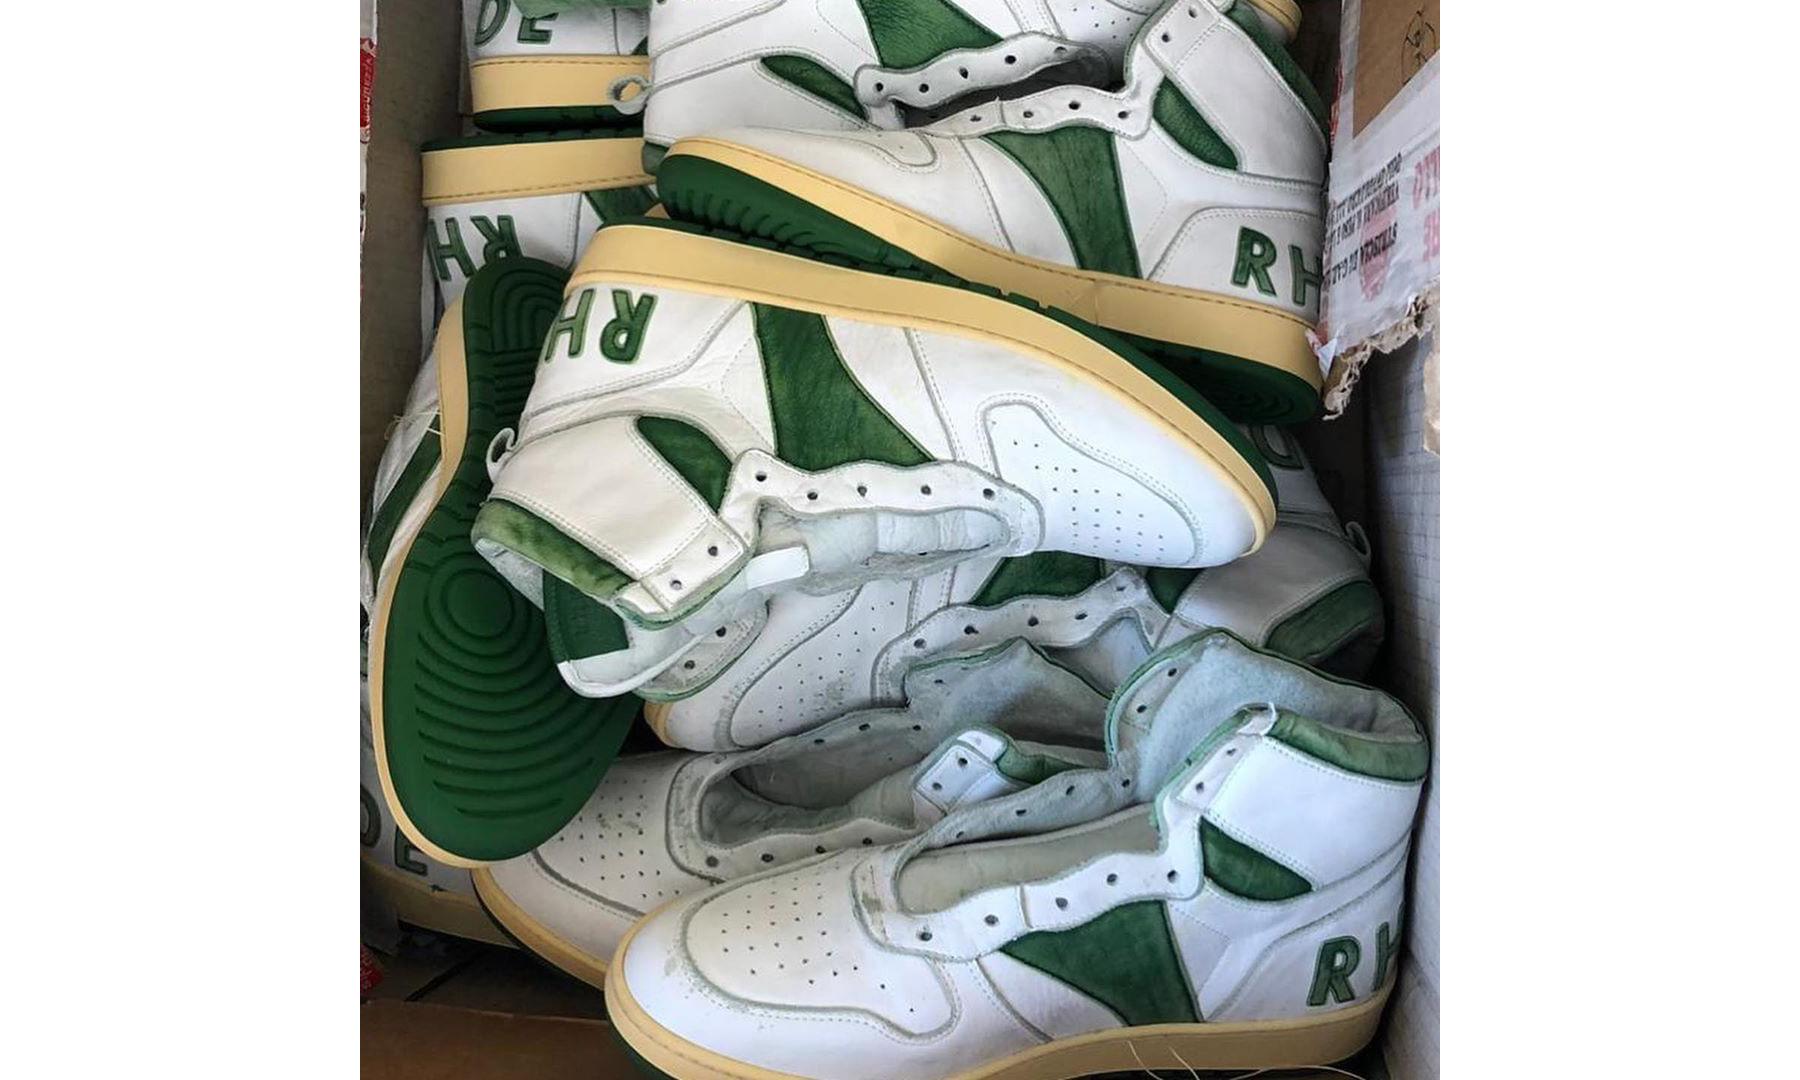 RHUDE 推出意大利手工制作全新复古篮球鞋款